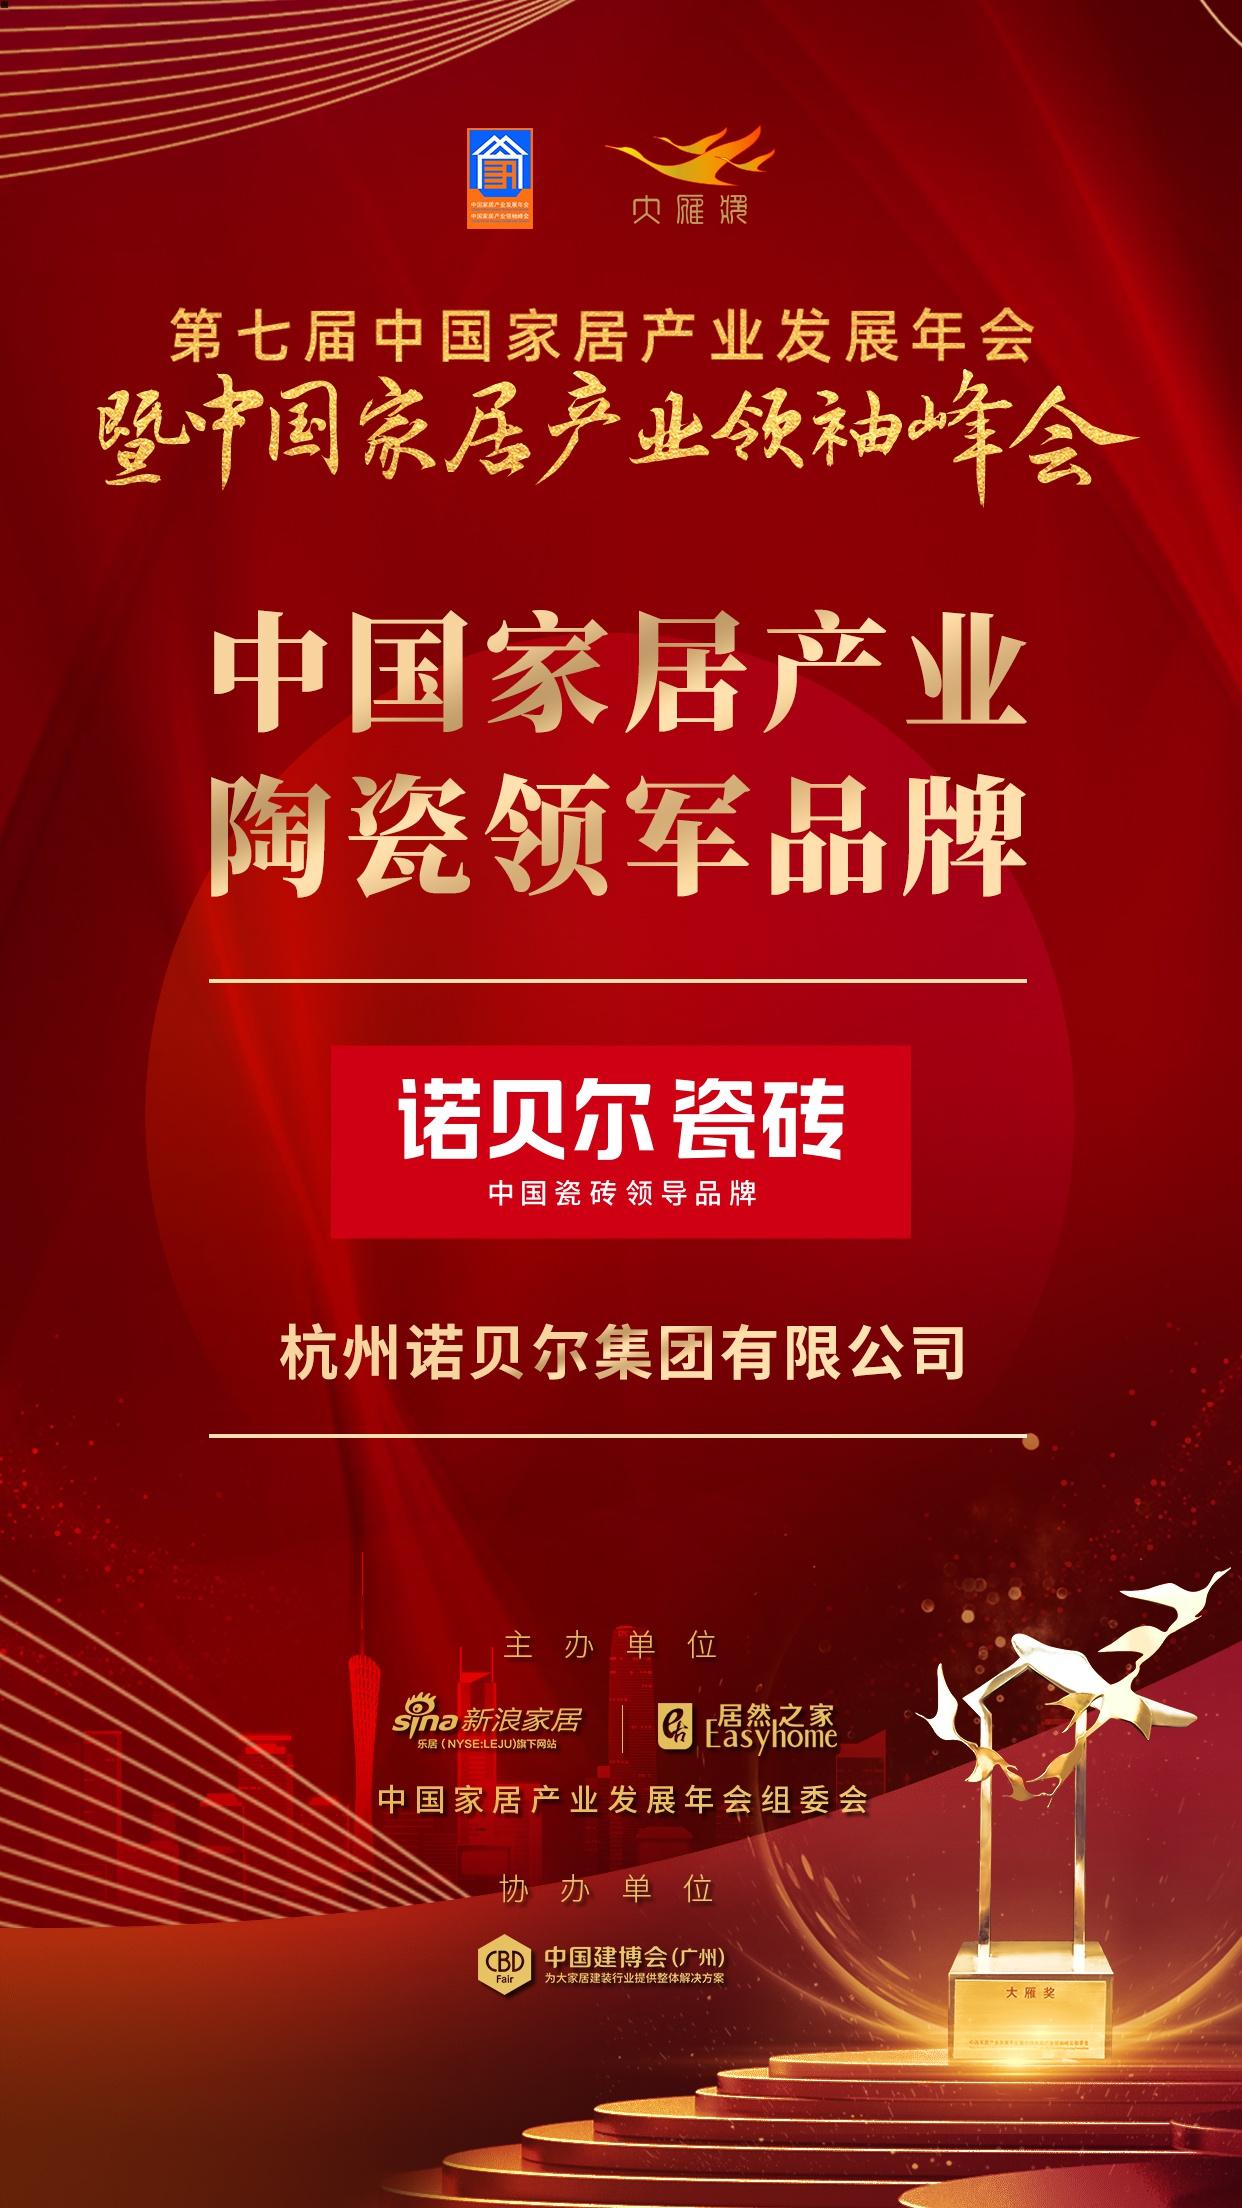 2020大雁奖揭晓:诺贝尔瓷砖获中国家居产业陶瓷领军品牌